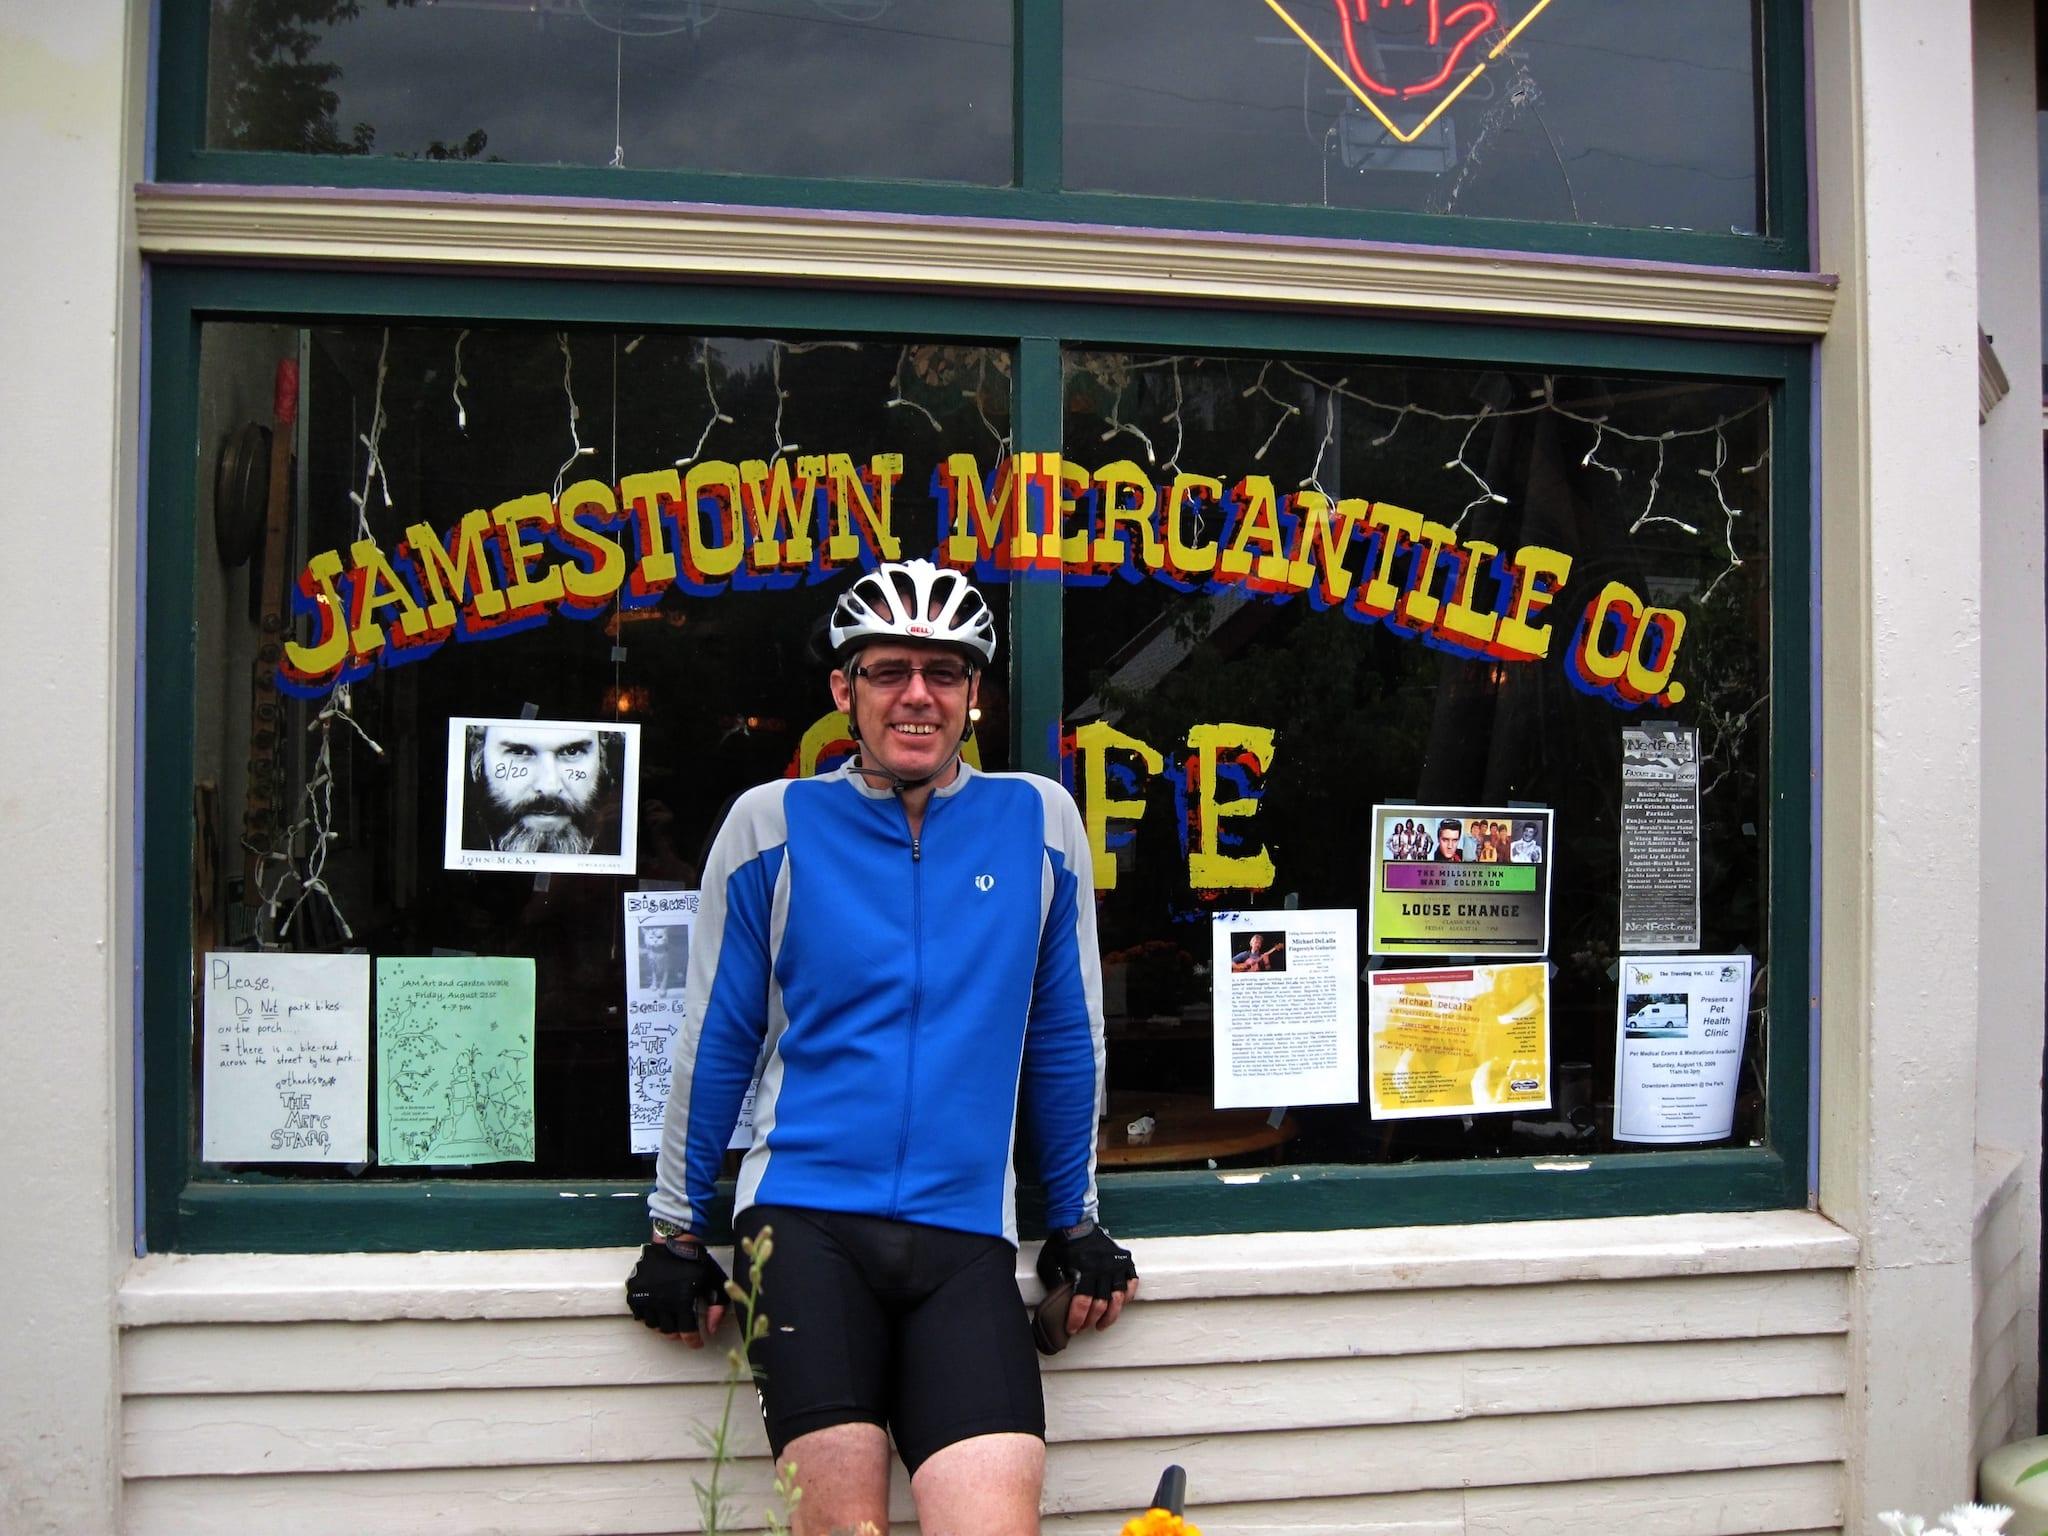 Jamestown Mercantile Company Colorado